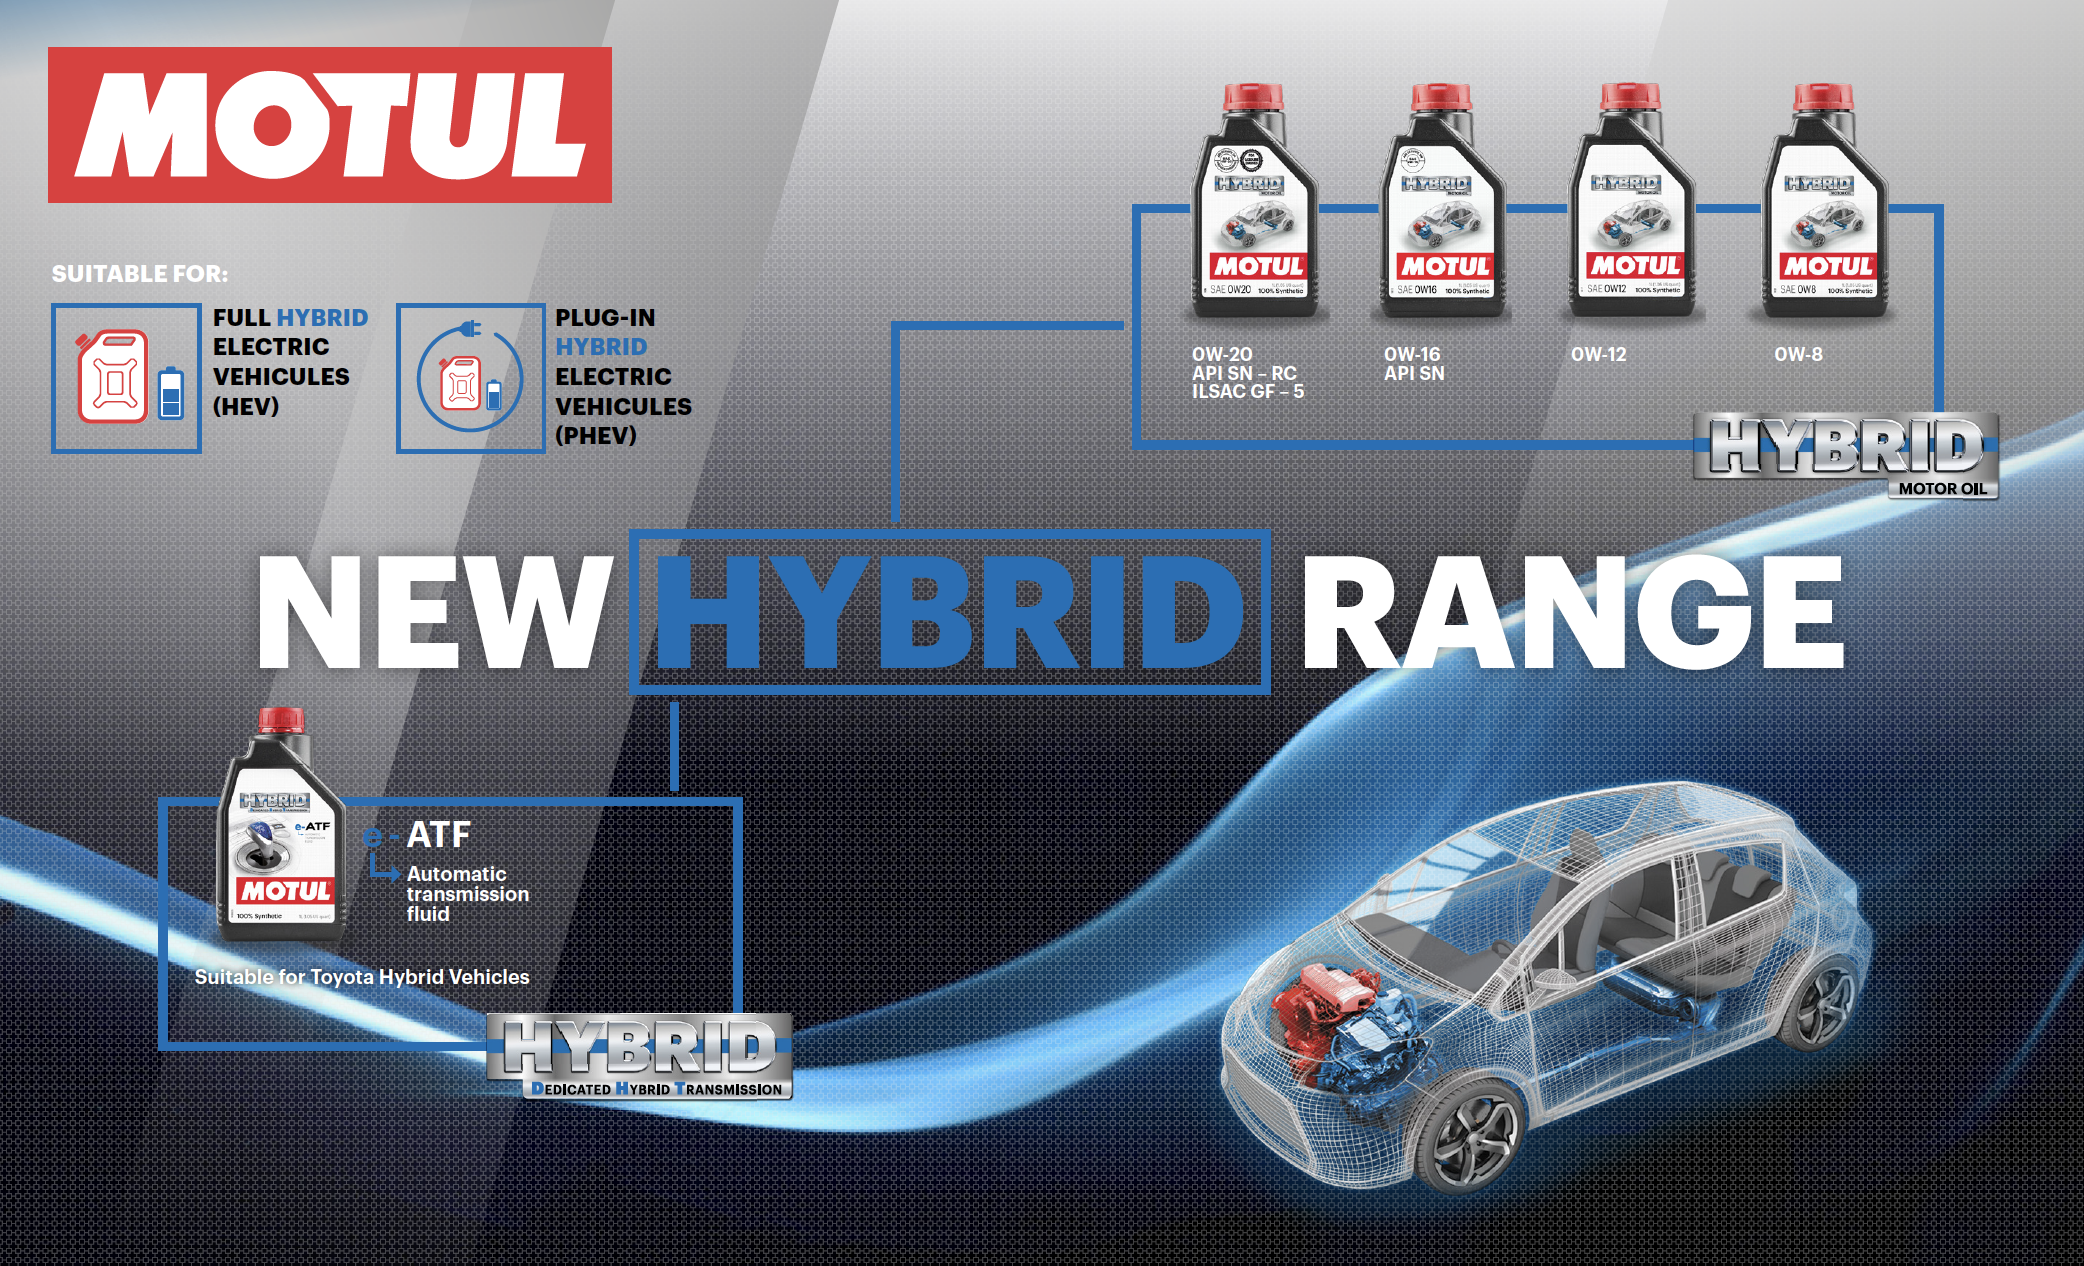 Nowa linia produktów hybrydowych Motul oraz prezentacja konceptu brandingu warsztatów: Motul Garage Concept na targach Automechanika 2018!